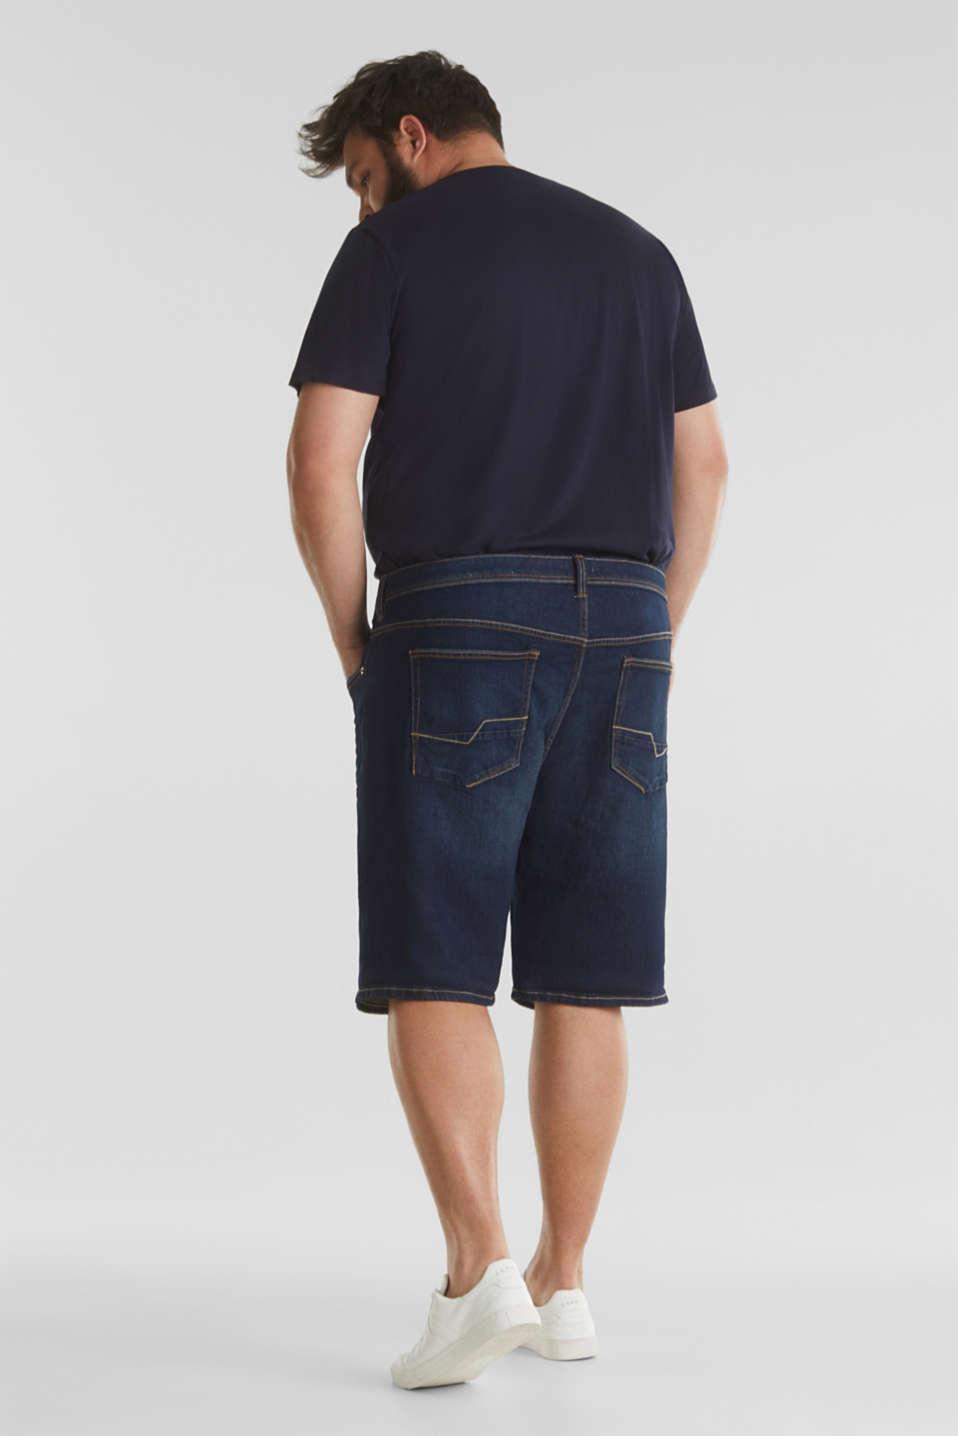 Denim Bermudas in a garment-washed look, BLUE DARK WASH, detail image number 3